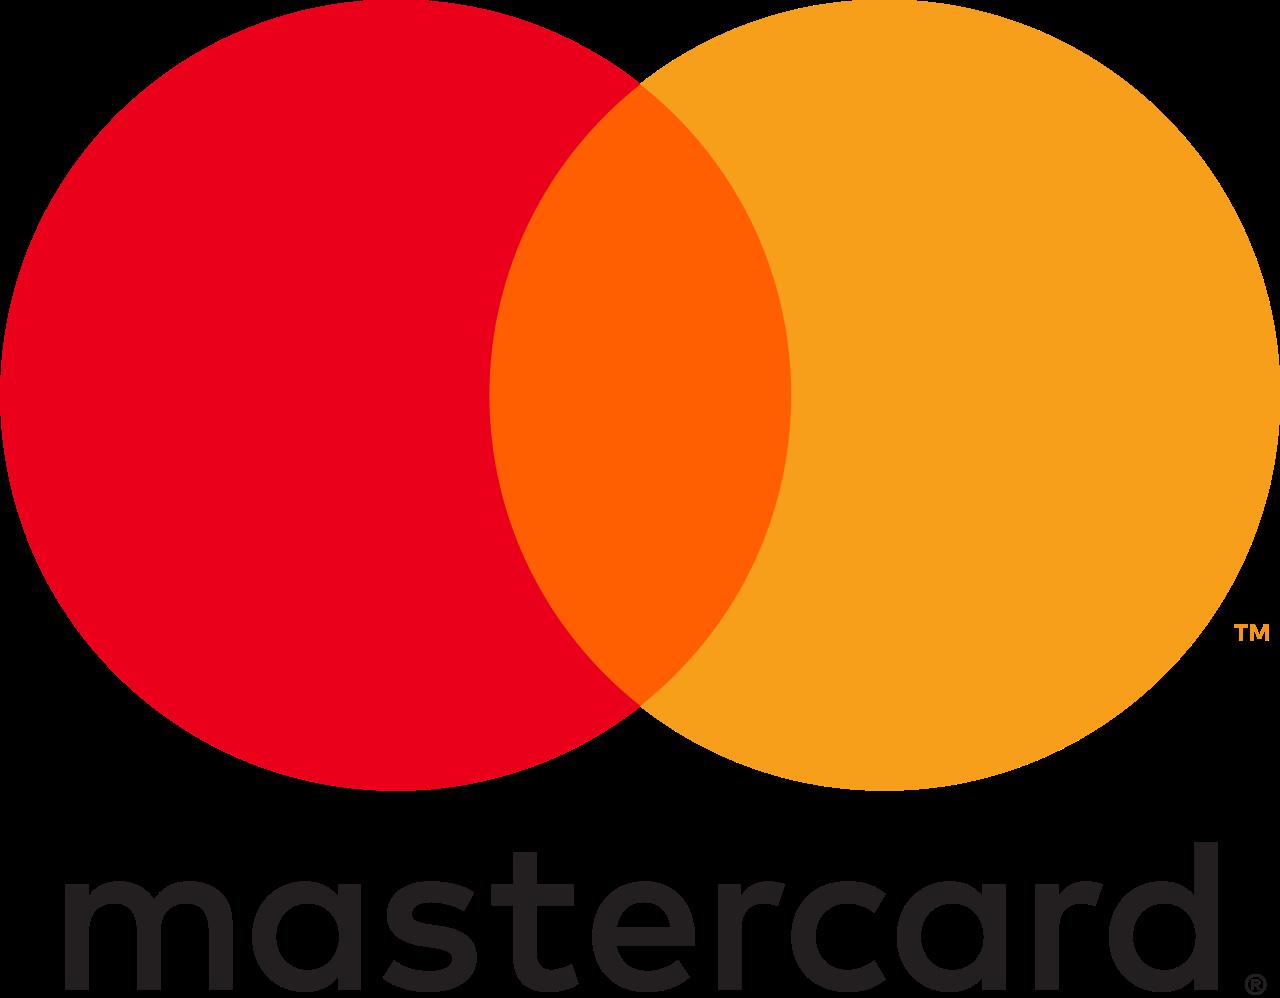 martescard_logo